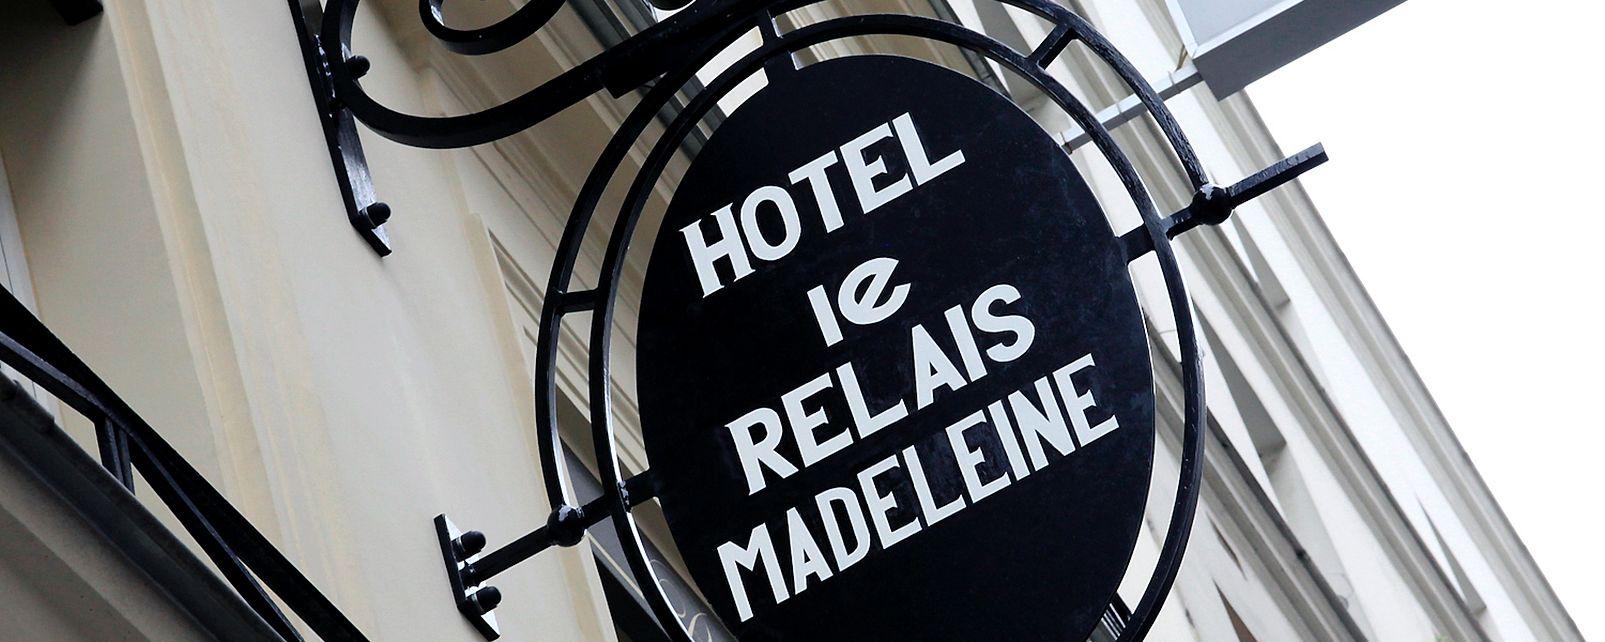 Hotel Le Relais Madeleine